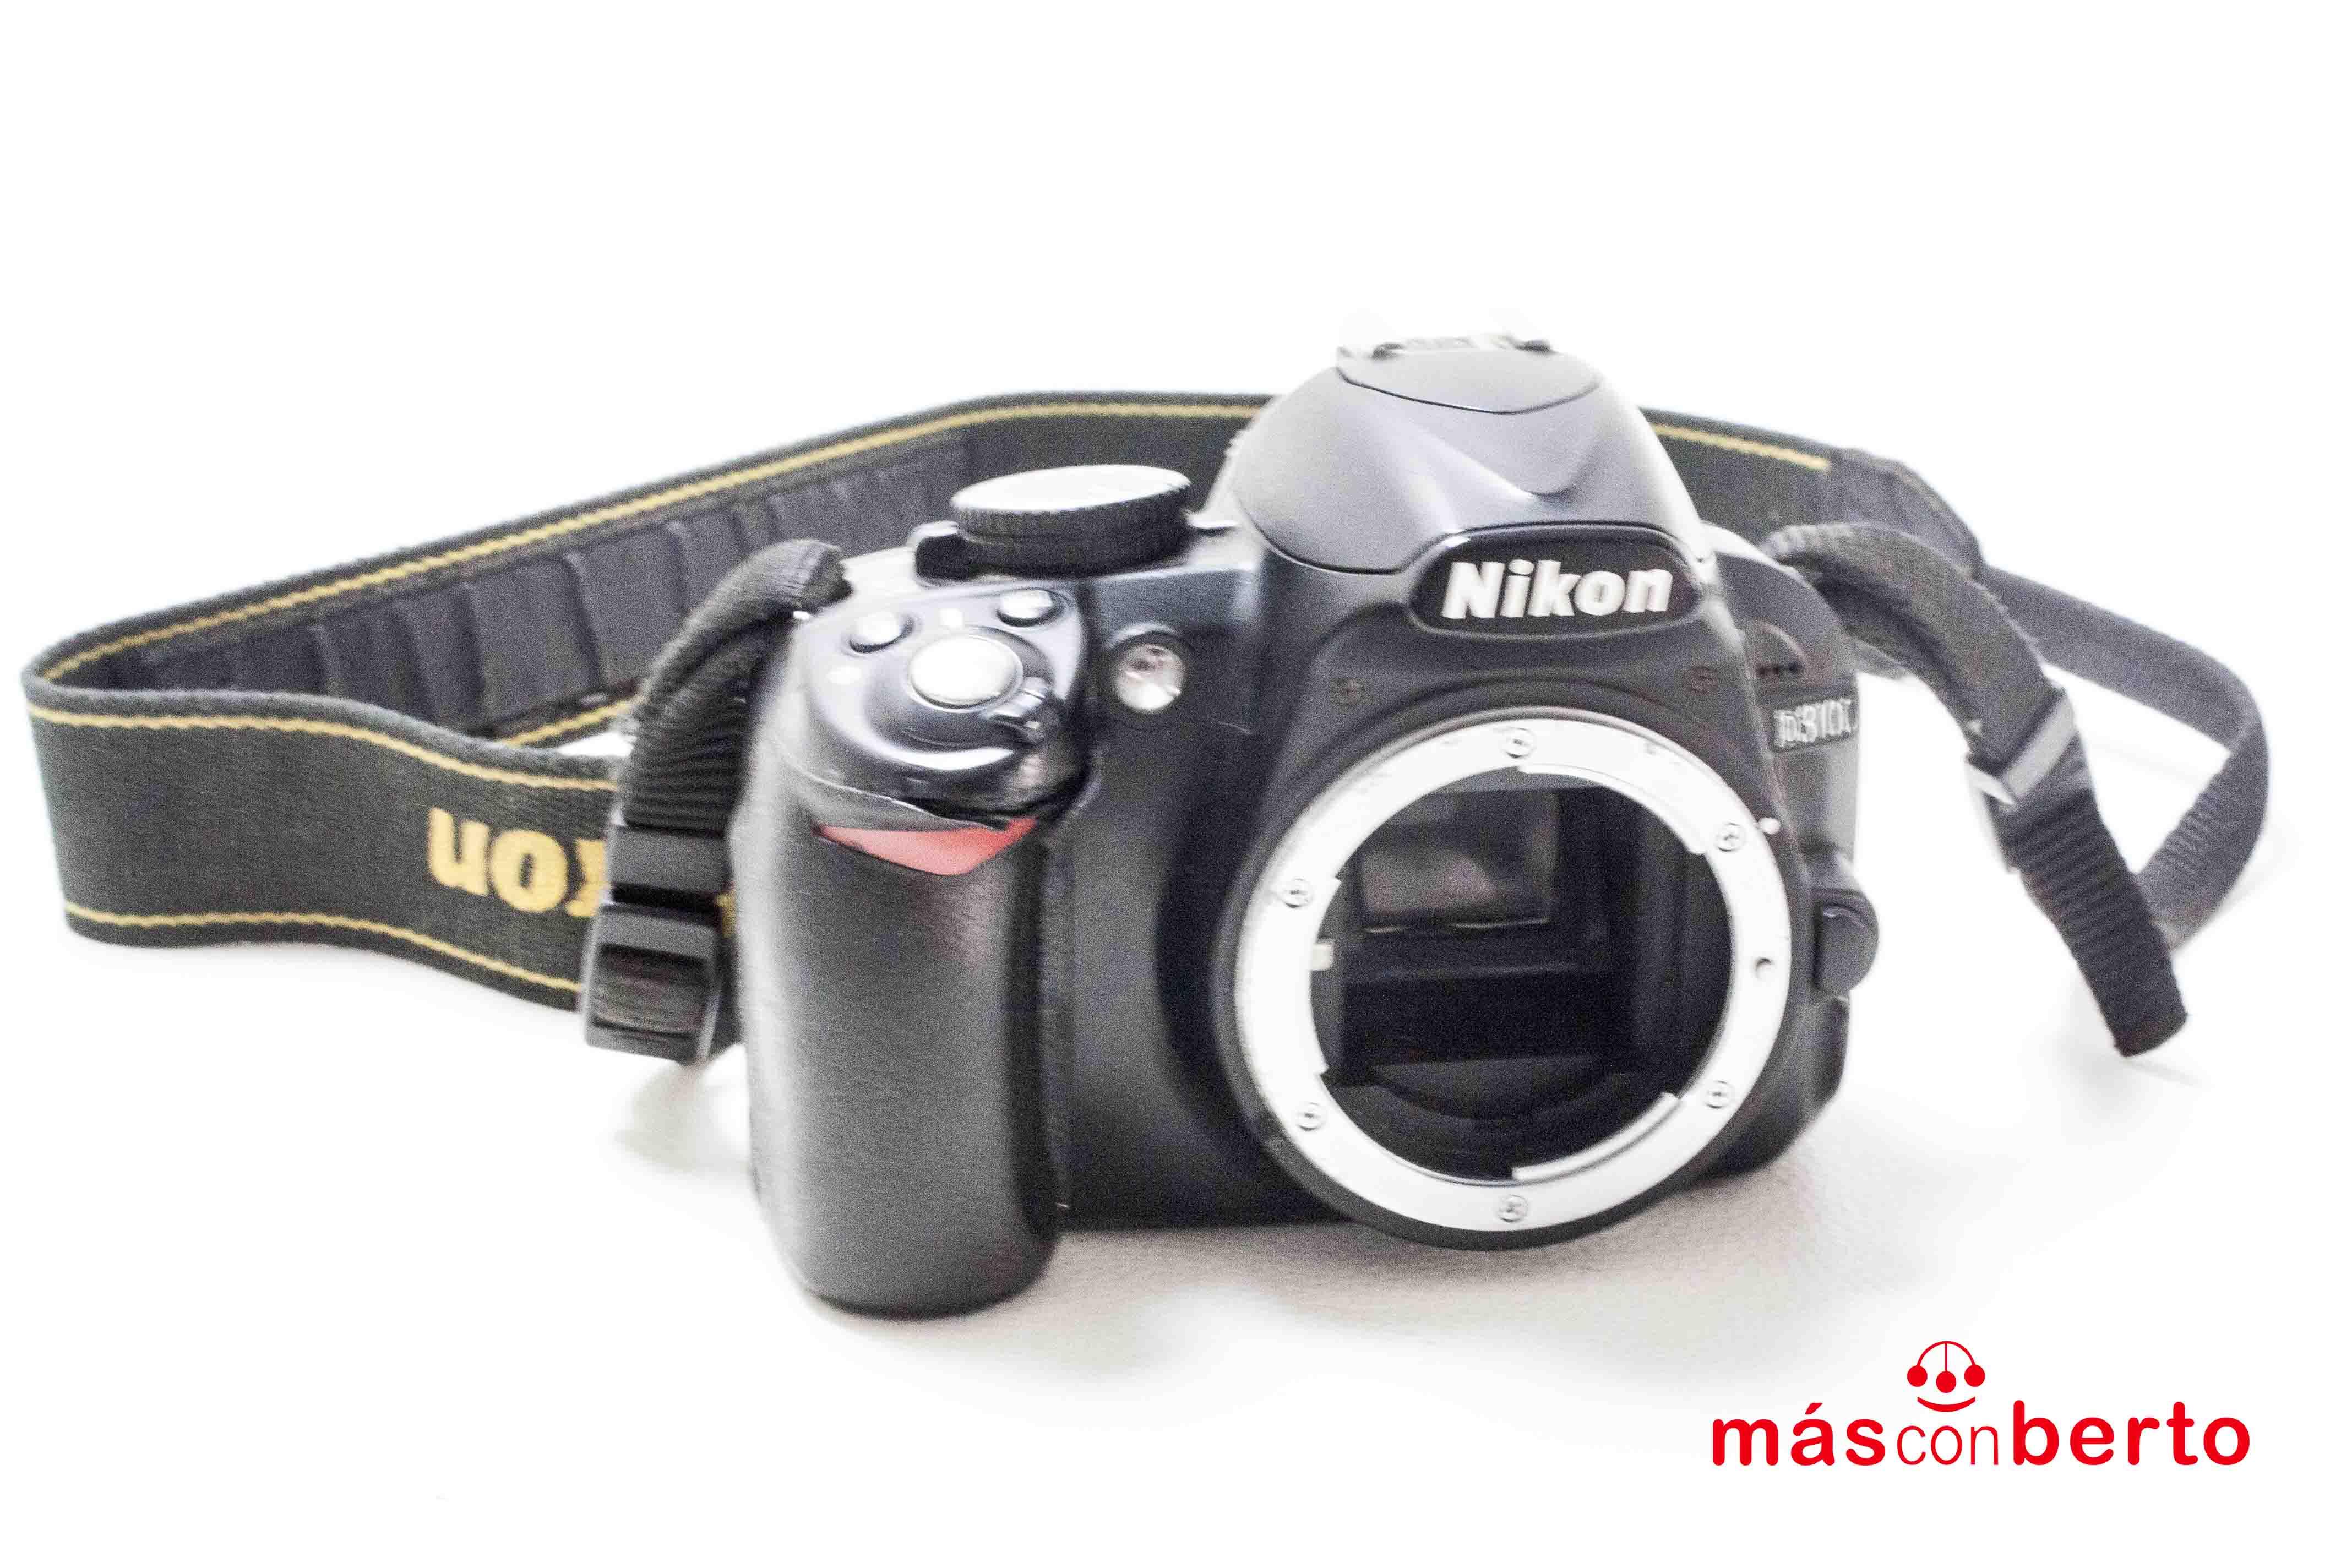 Cámara Nikon mod. D3100